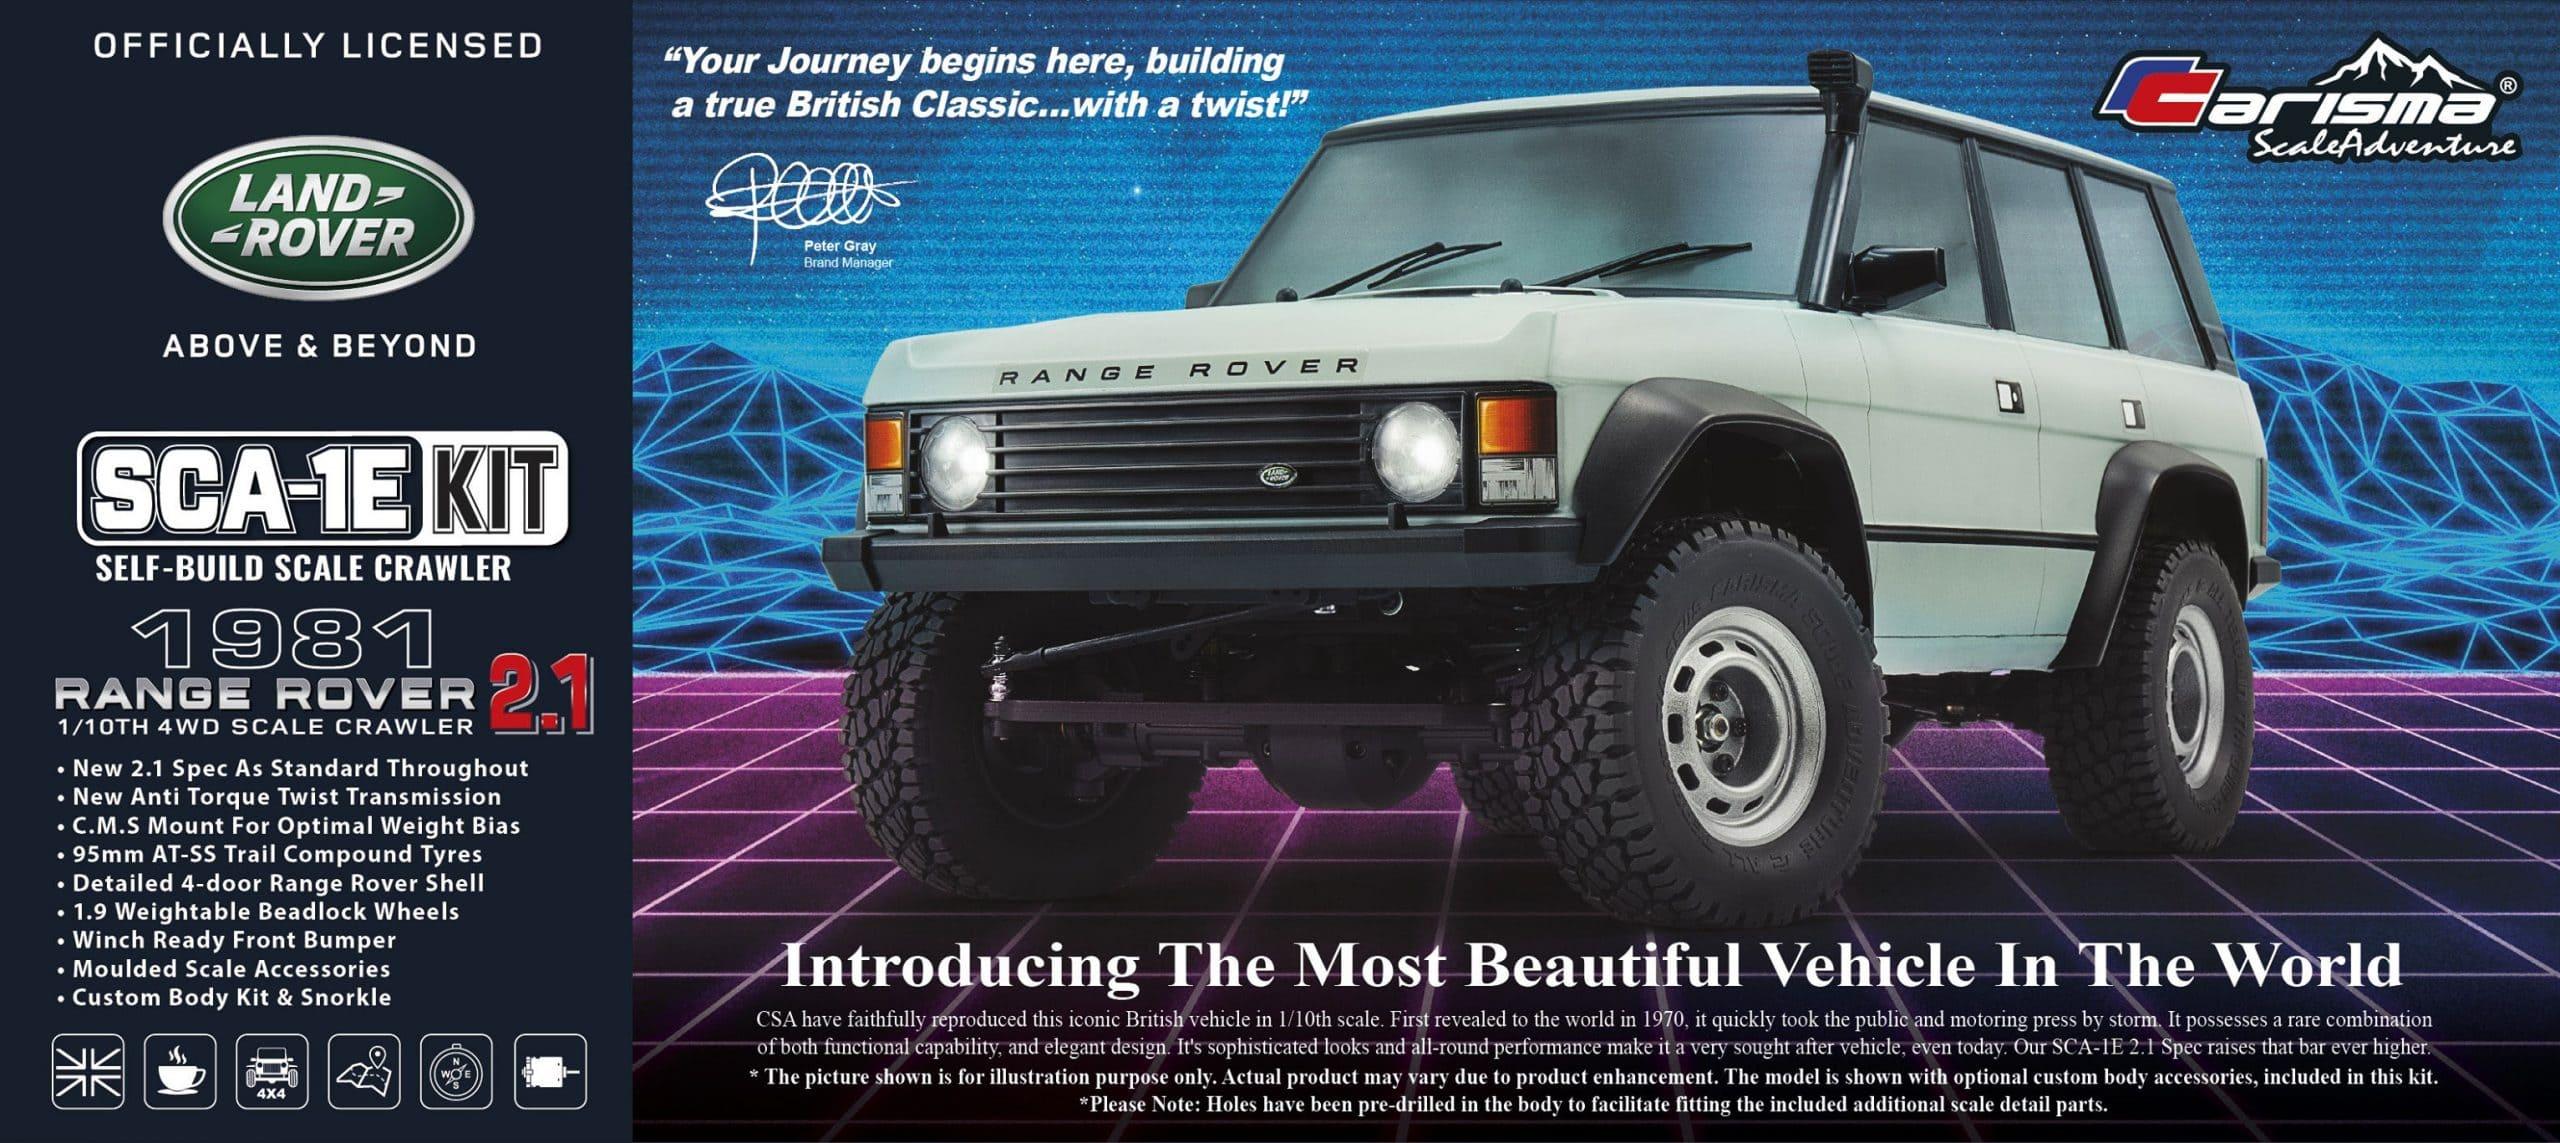 Carisma Scale Adventure Launches a Rockin' New SCA-1E 2.1 Range Rover Kit